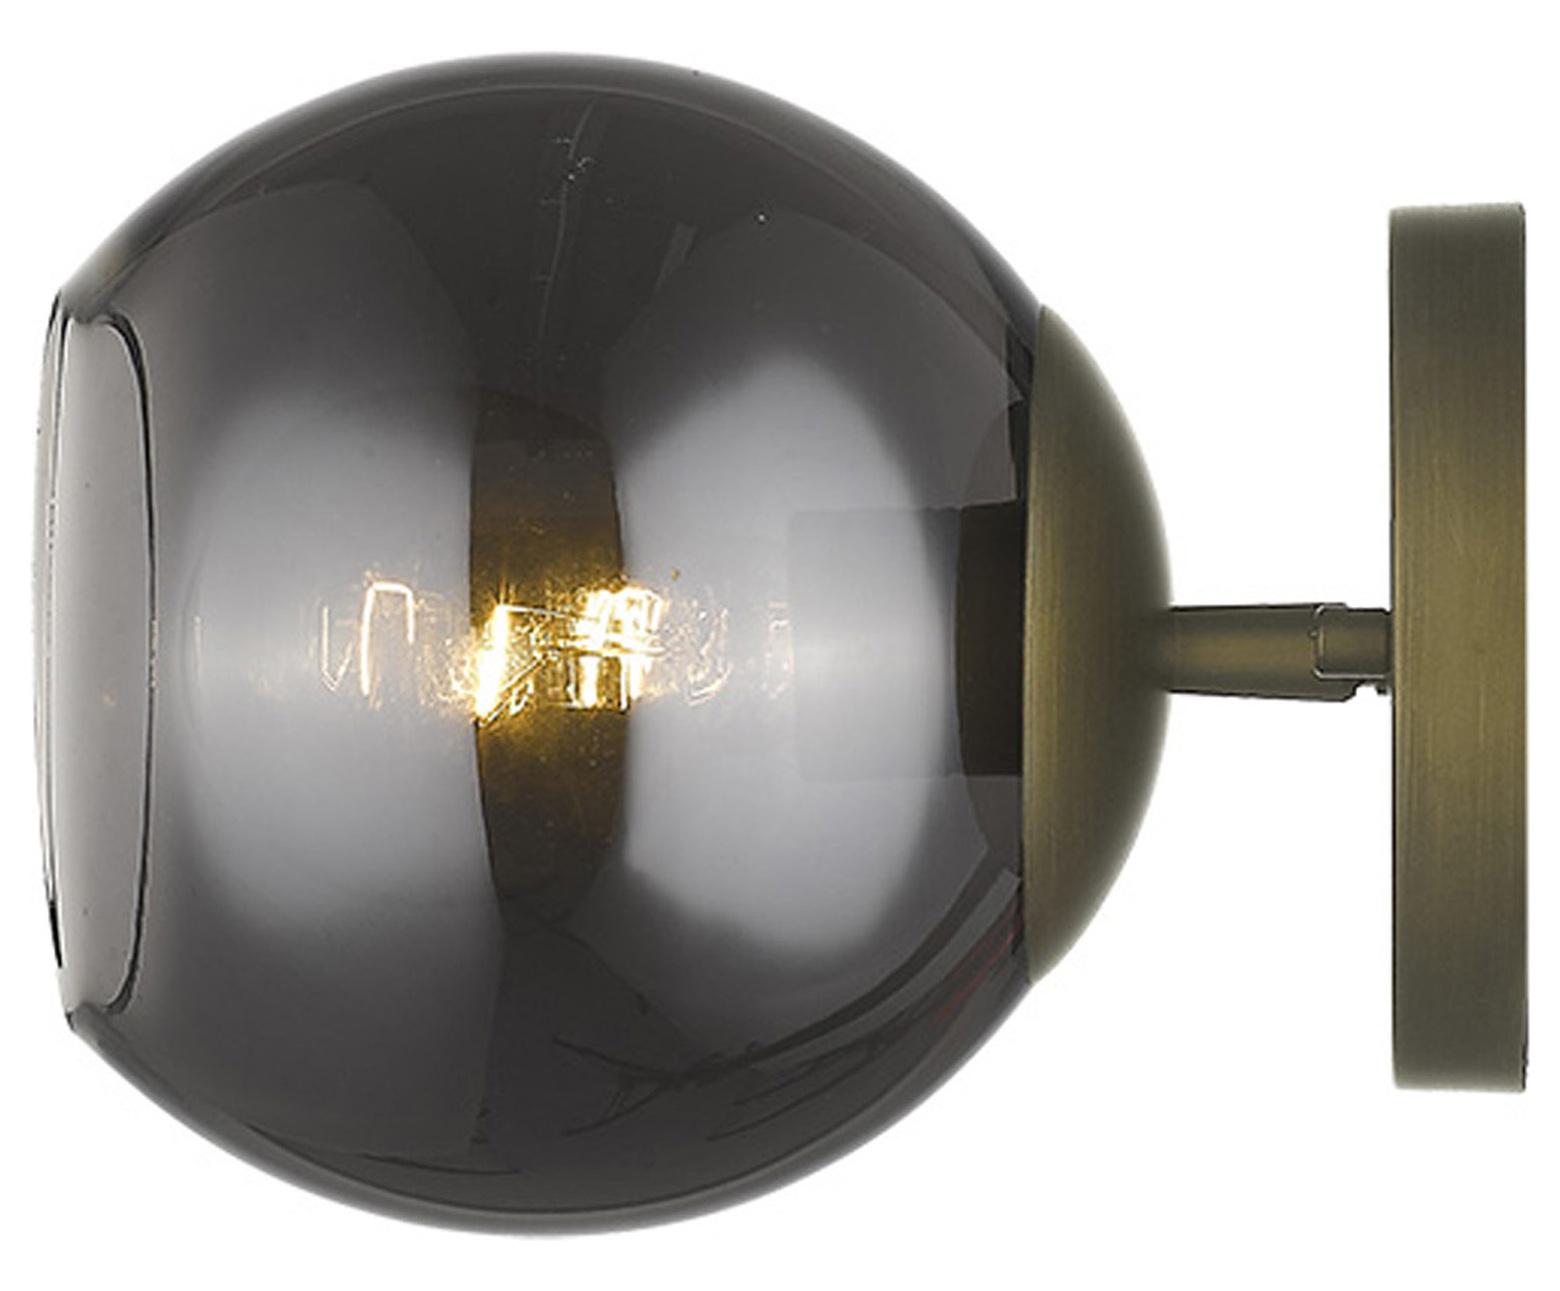 Lunette 1 Light Aged Br Sconce